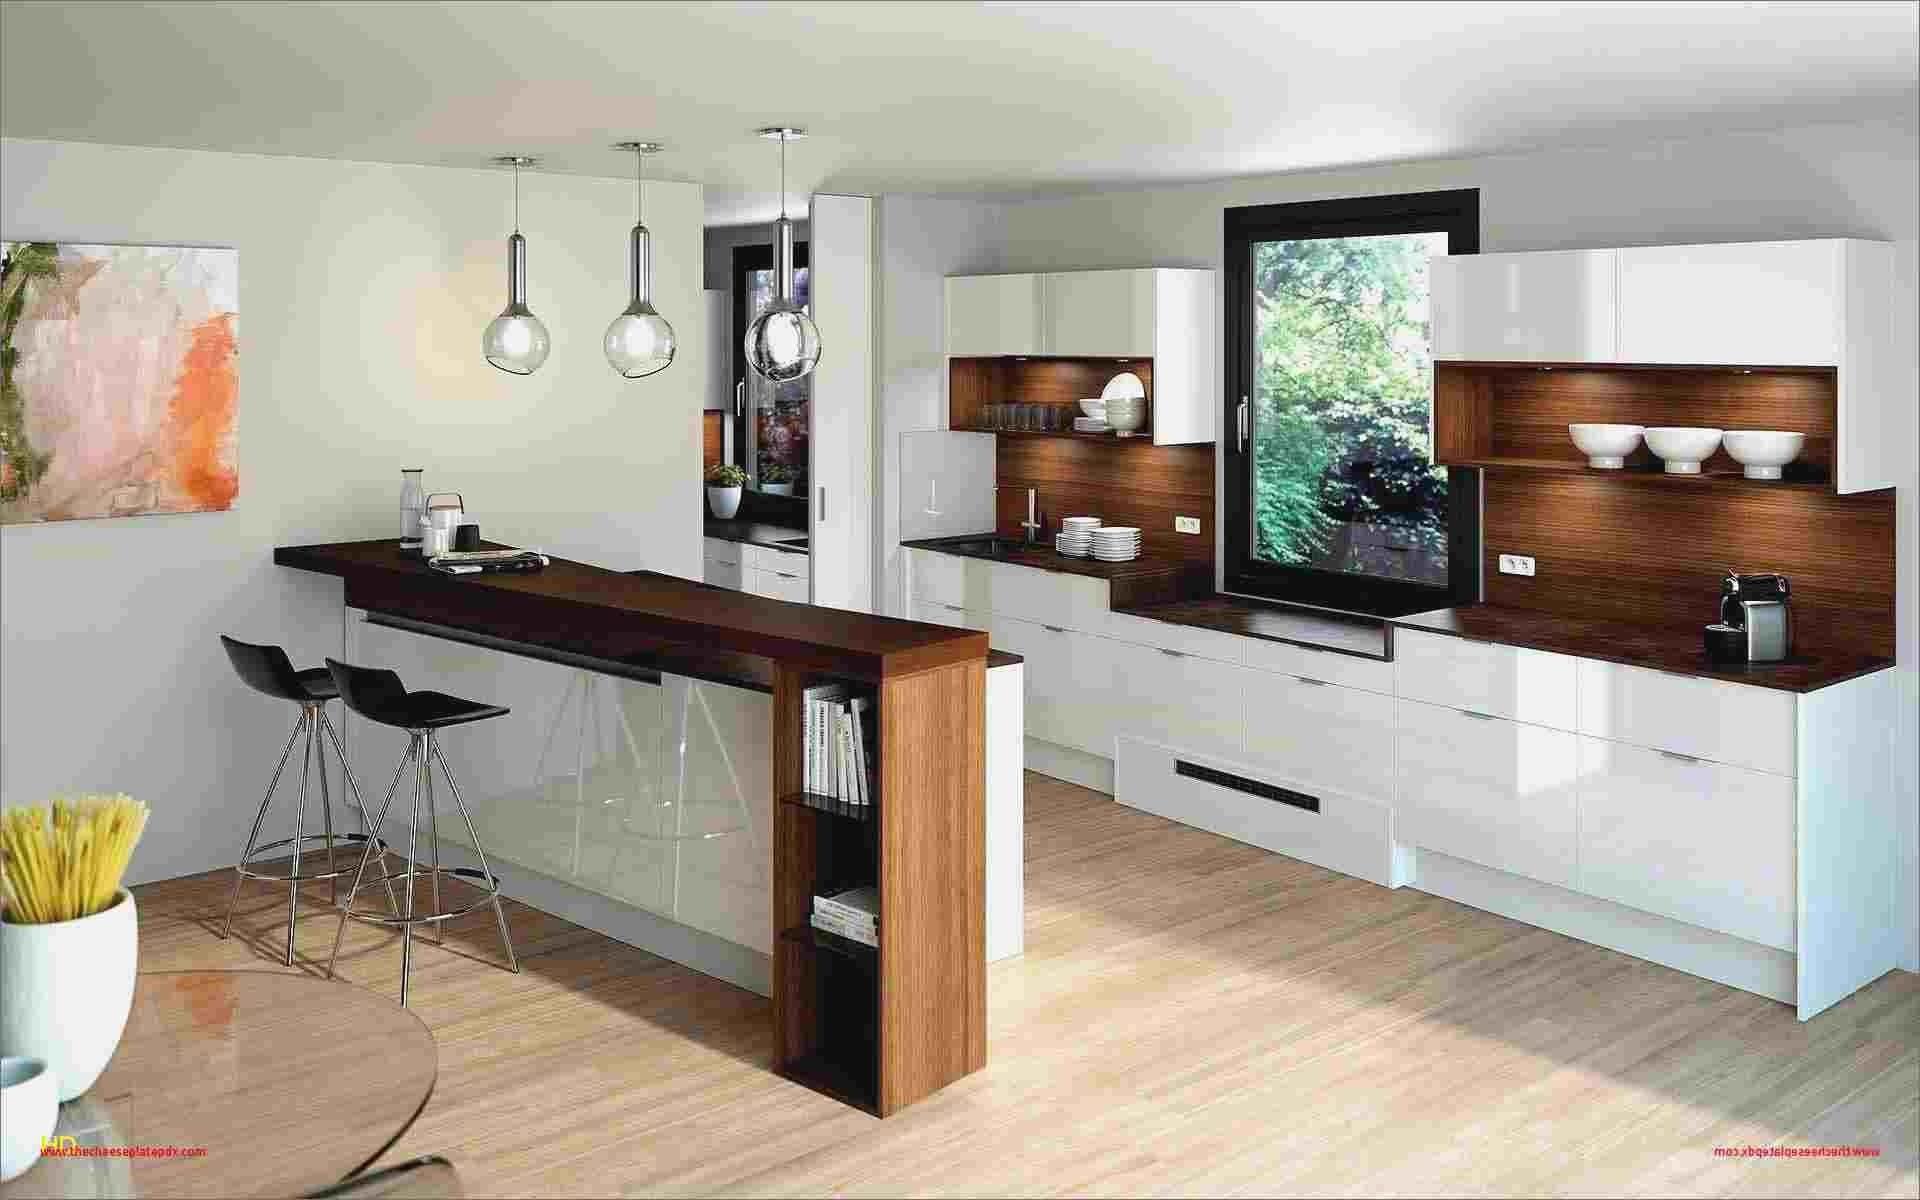 Full Size of Einbauküche L Form Einbauküche L Form Mit Geräten Einbauküche L Form Gebraucht Einbauküche L Form Kaufen Küche Einbauküche L Form